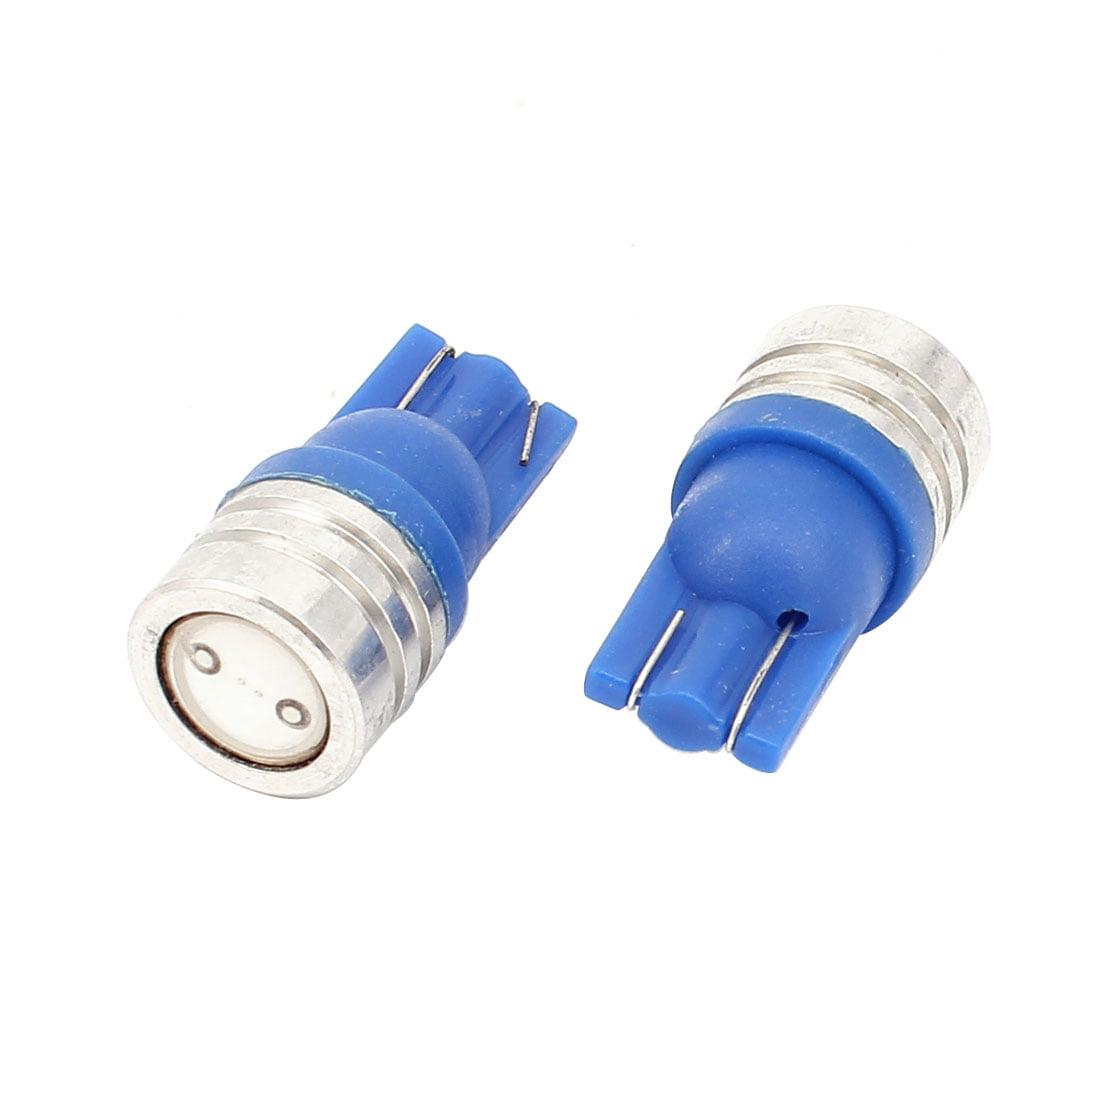 2 pcs T10 1W LED Ampoule Bleue Tableau de Bord Panneau Indicateur Lampe - image 2 de 2